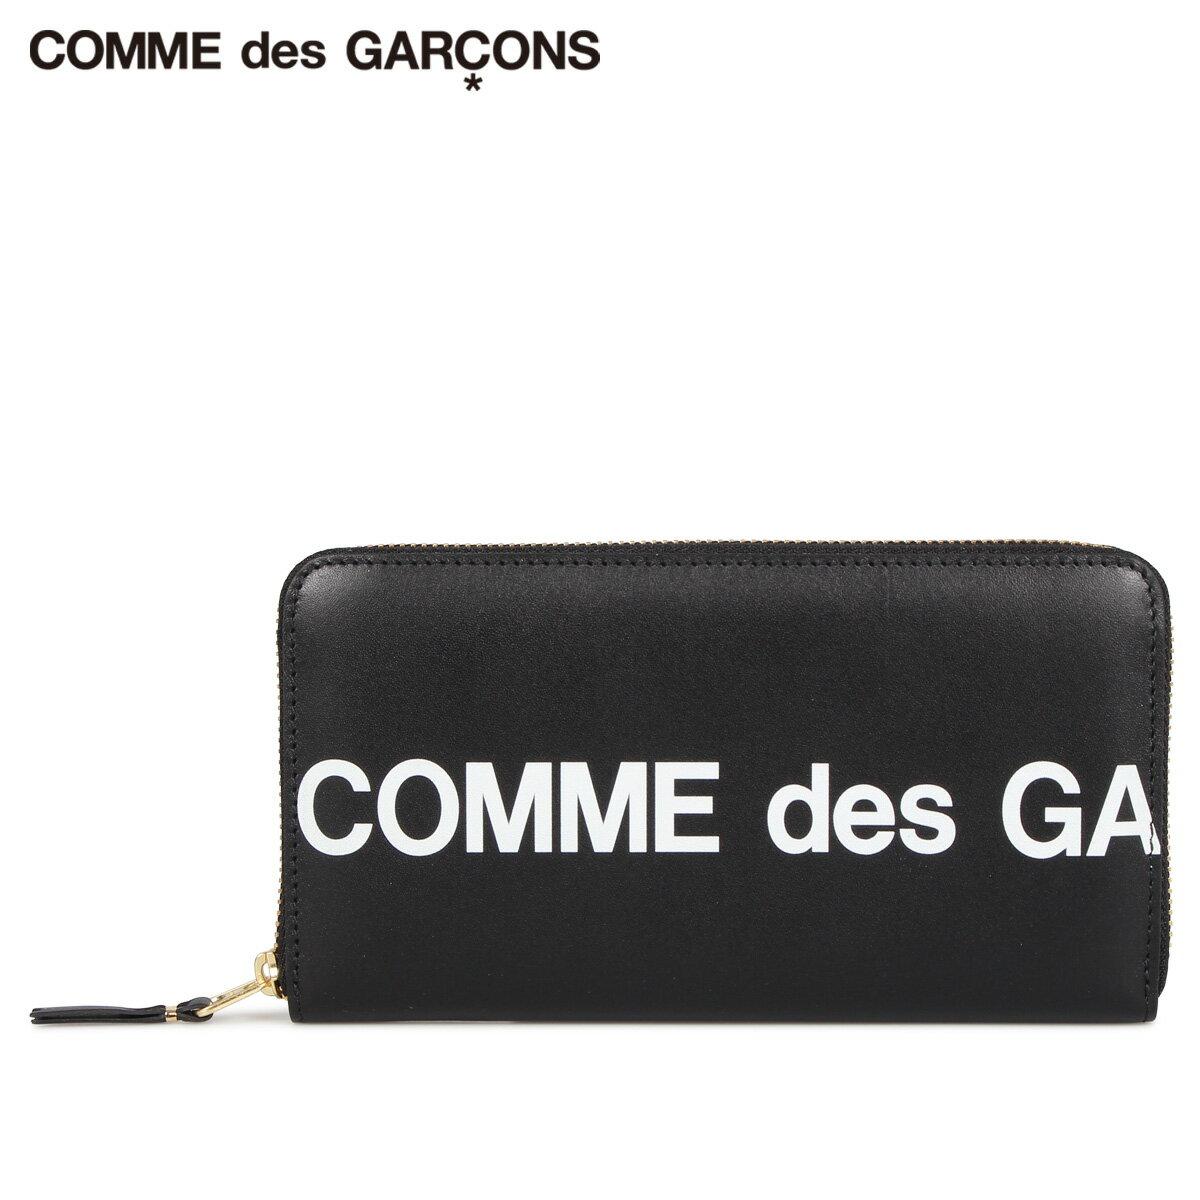 財布・ケース, メンズ財布 1000OFF COMME des GARCONS HUGE LOGO WALLET SA0111HL